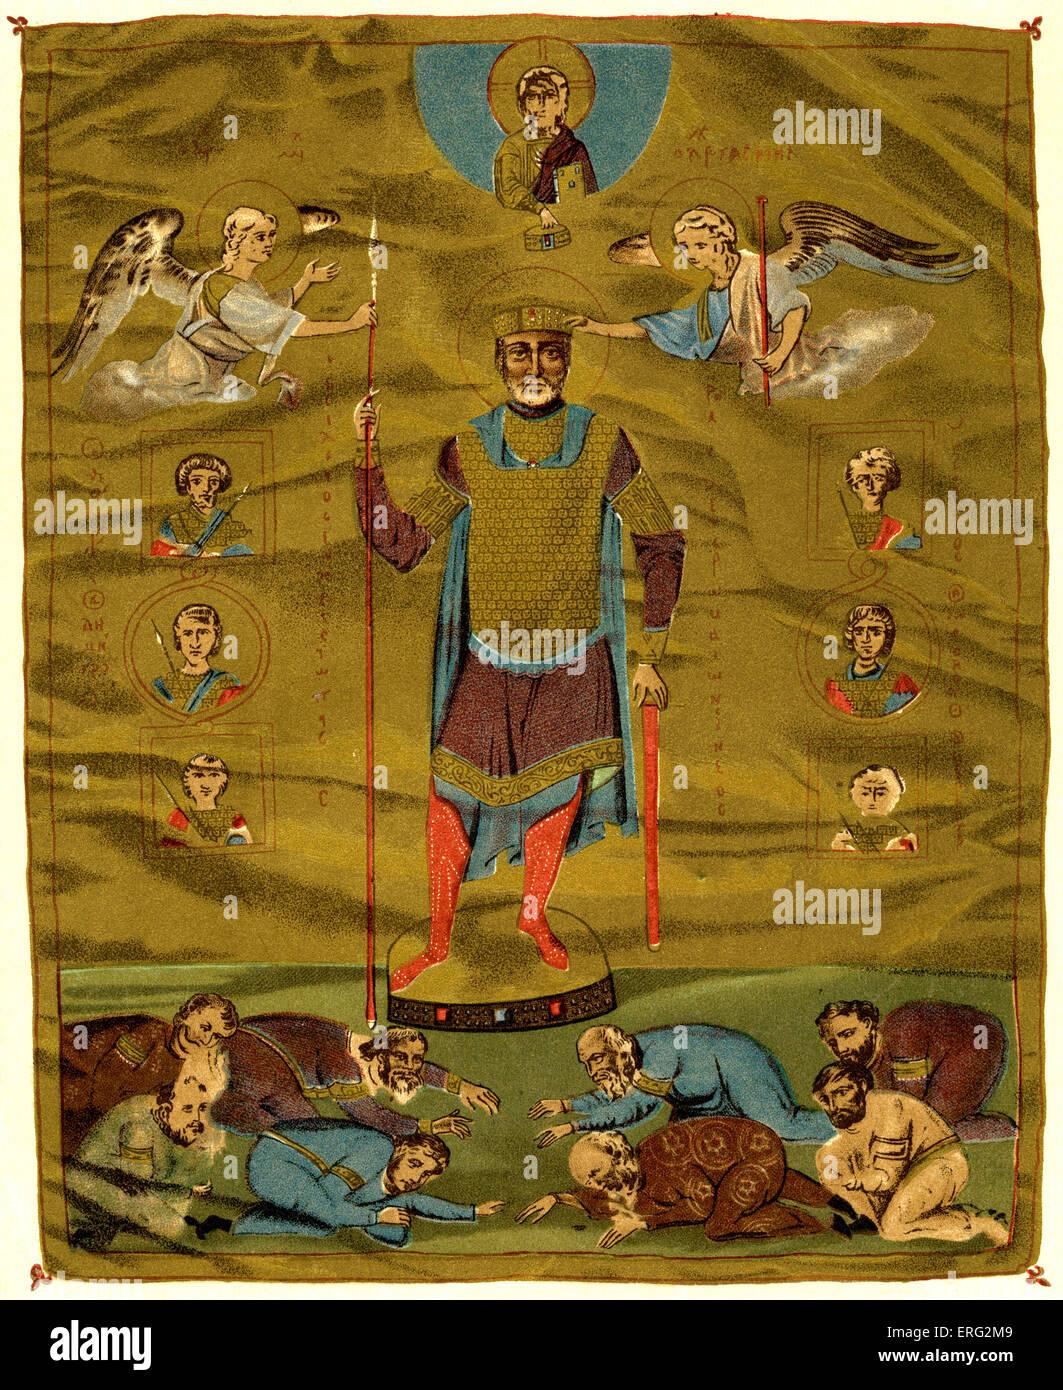 L'imperatore Basileios II, il bulgaro Killer, circondato da generali e figure piegando verso il basso. Basileios Immagini Stock